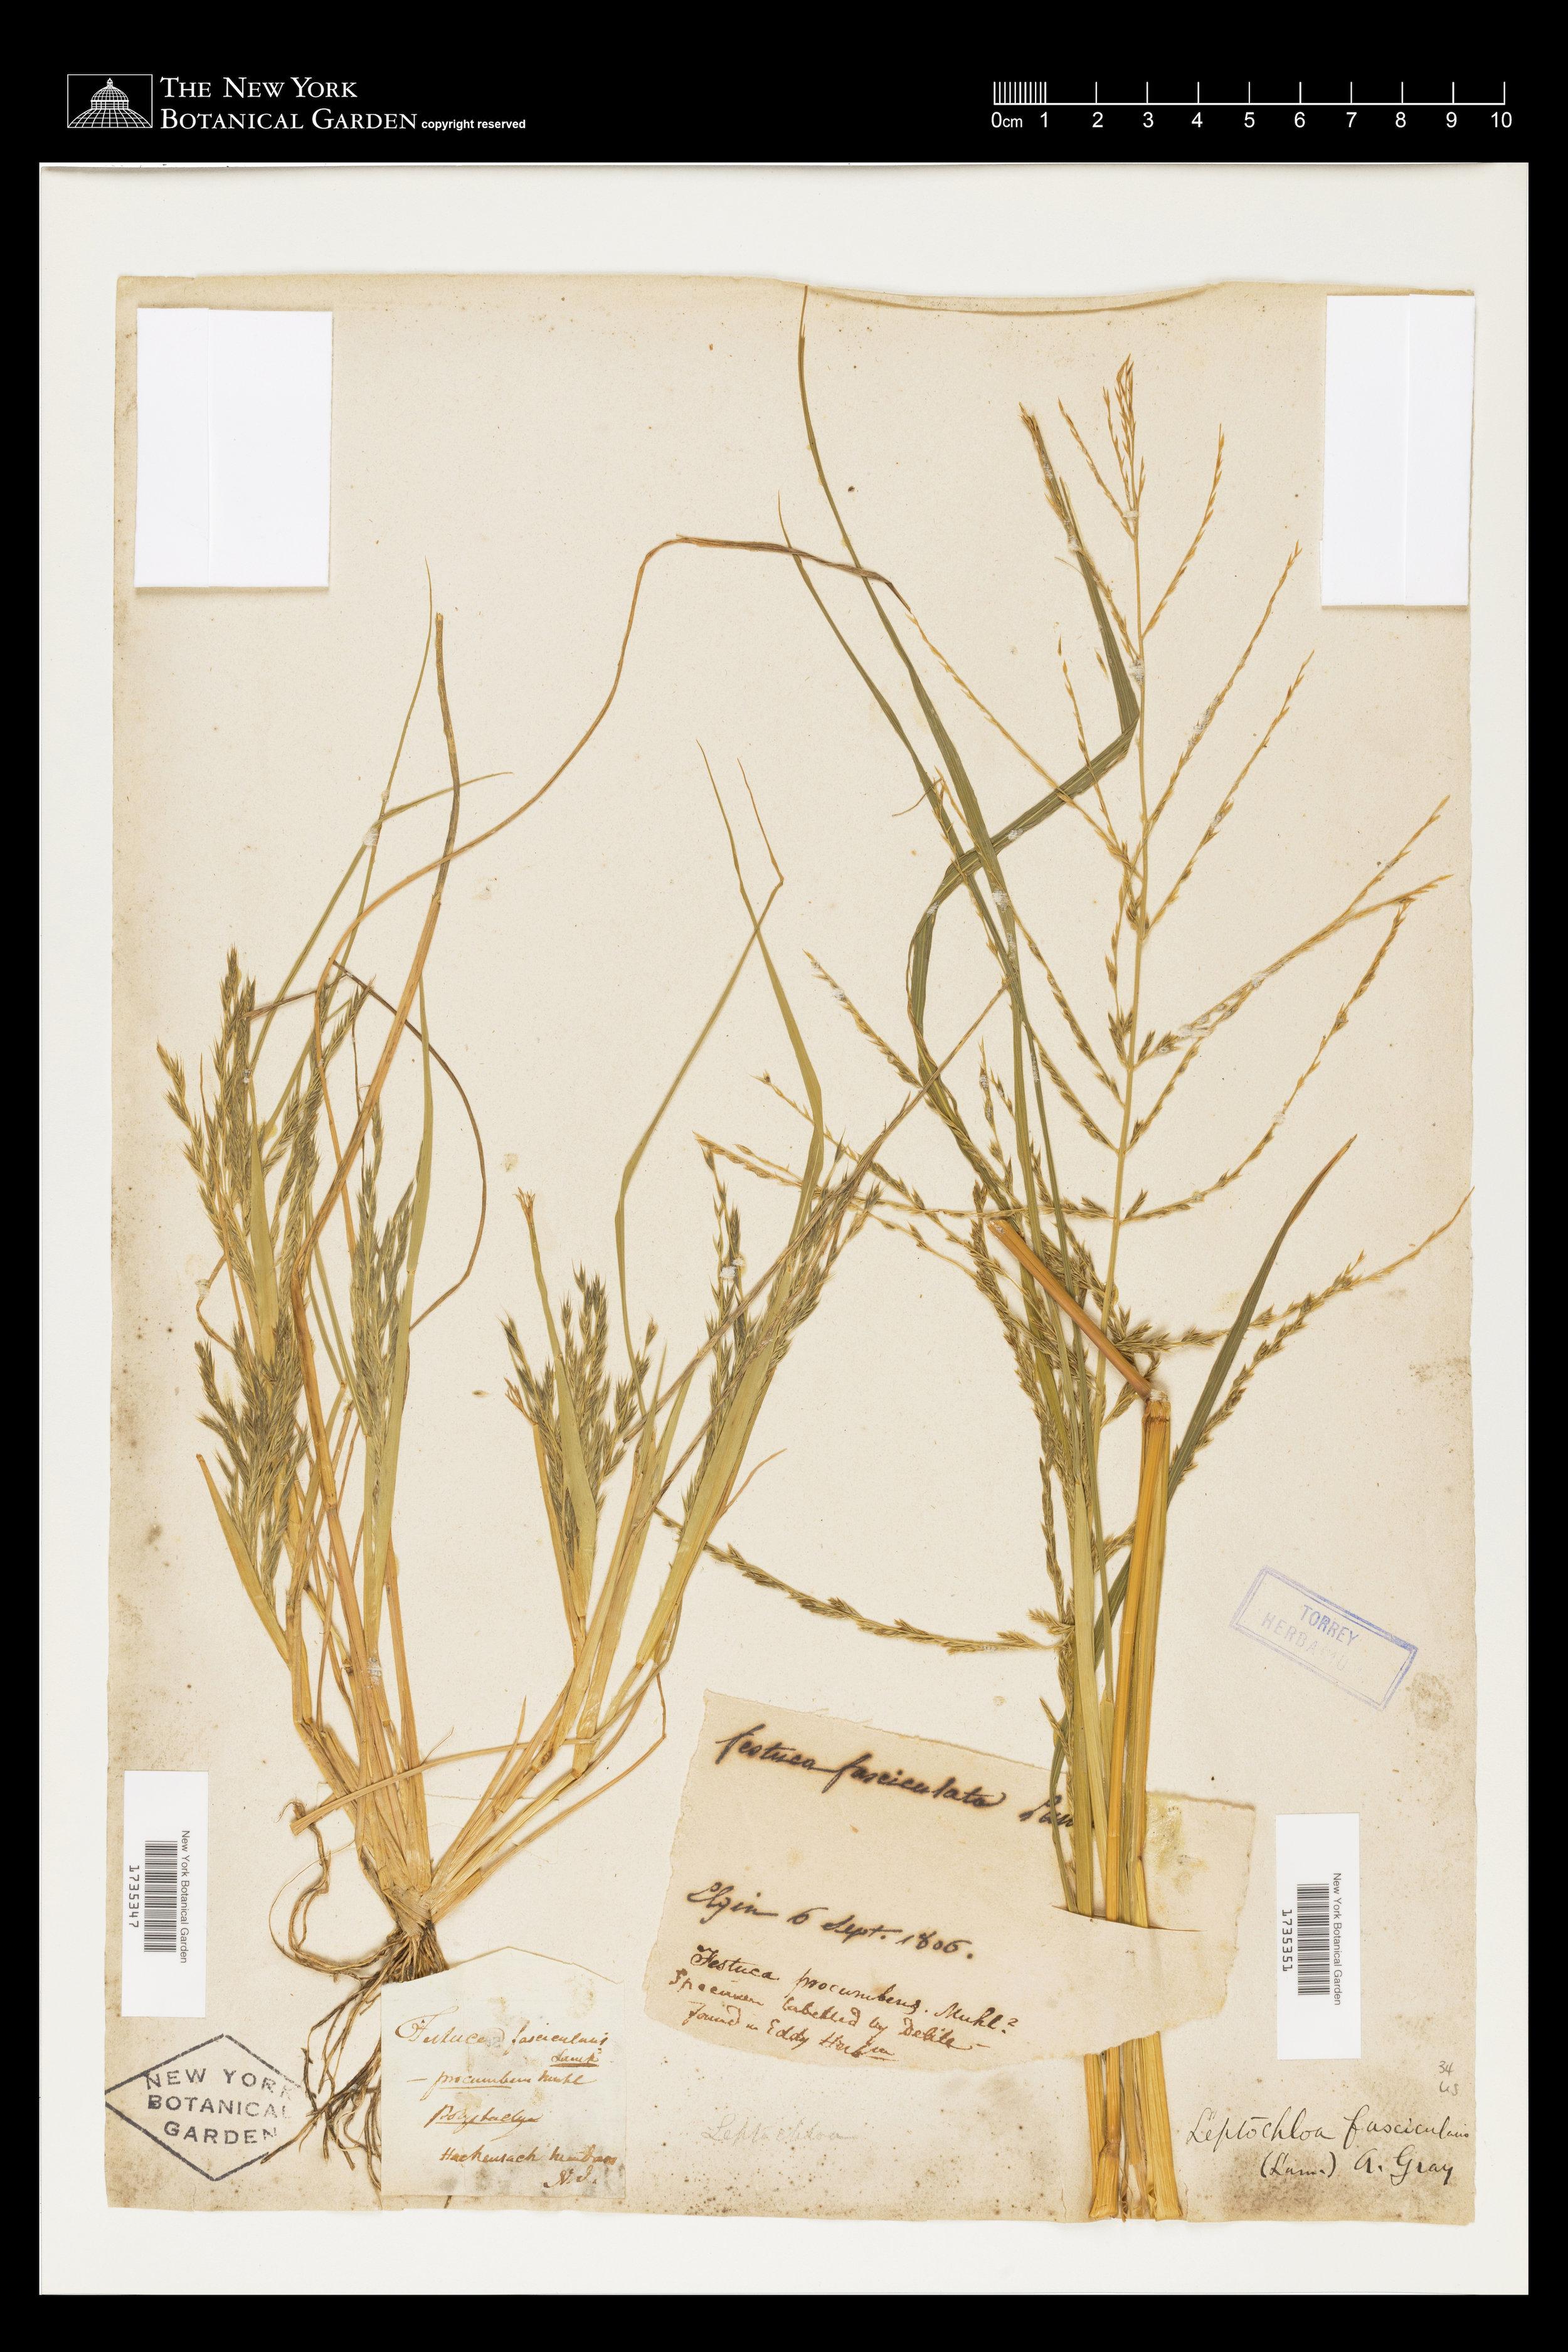 Specimen from Elgin Botanic Garden (1806), held by the New York Botanical Garden